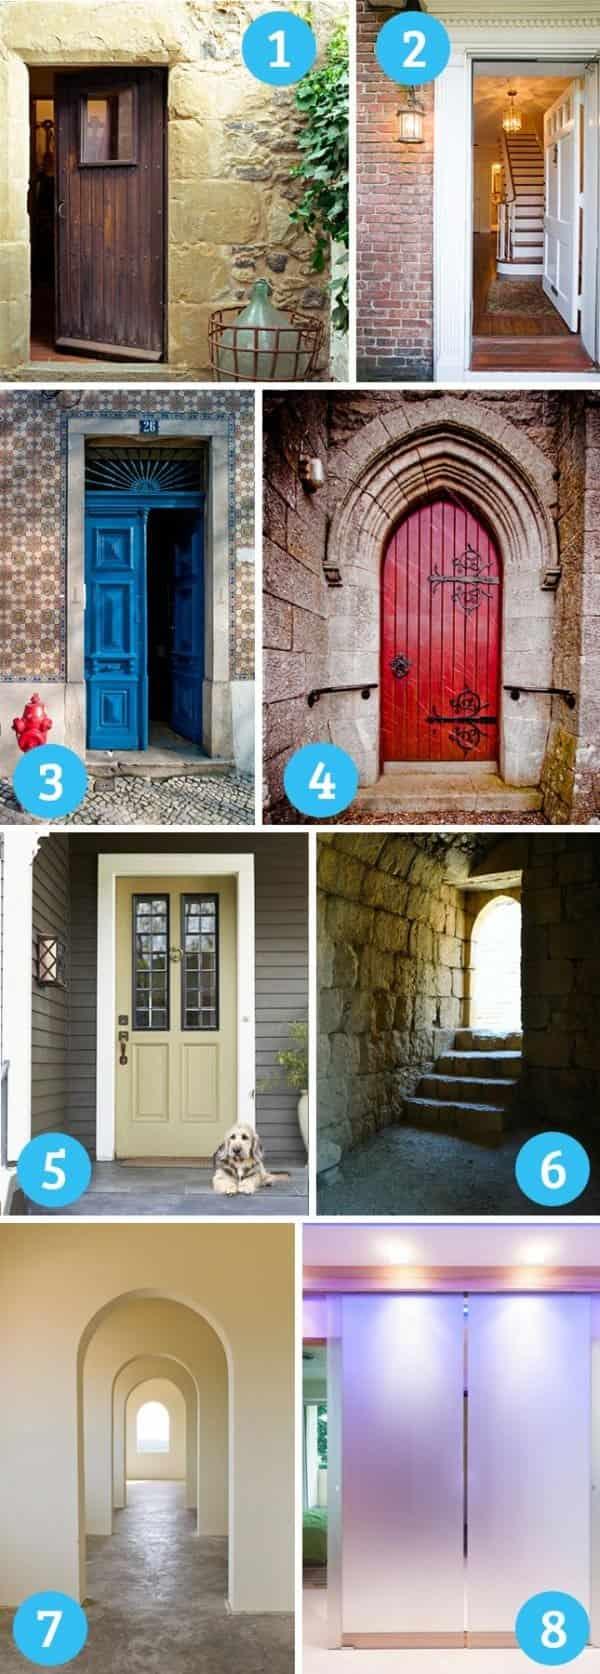 Το ΤΕΣΤ με τις πόρτες: Ποια θα διάλεγες και τι Σημαίνει για την Προσωπικότητά σου και το Μέλλον σου